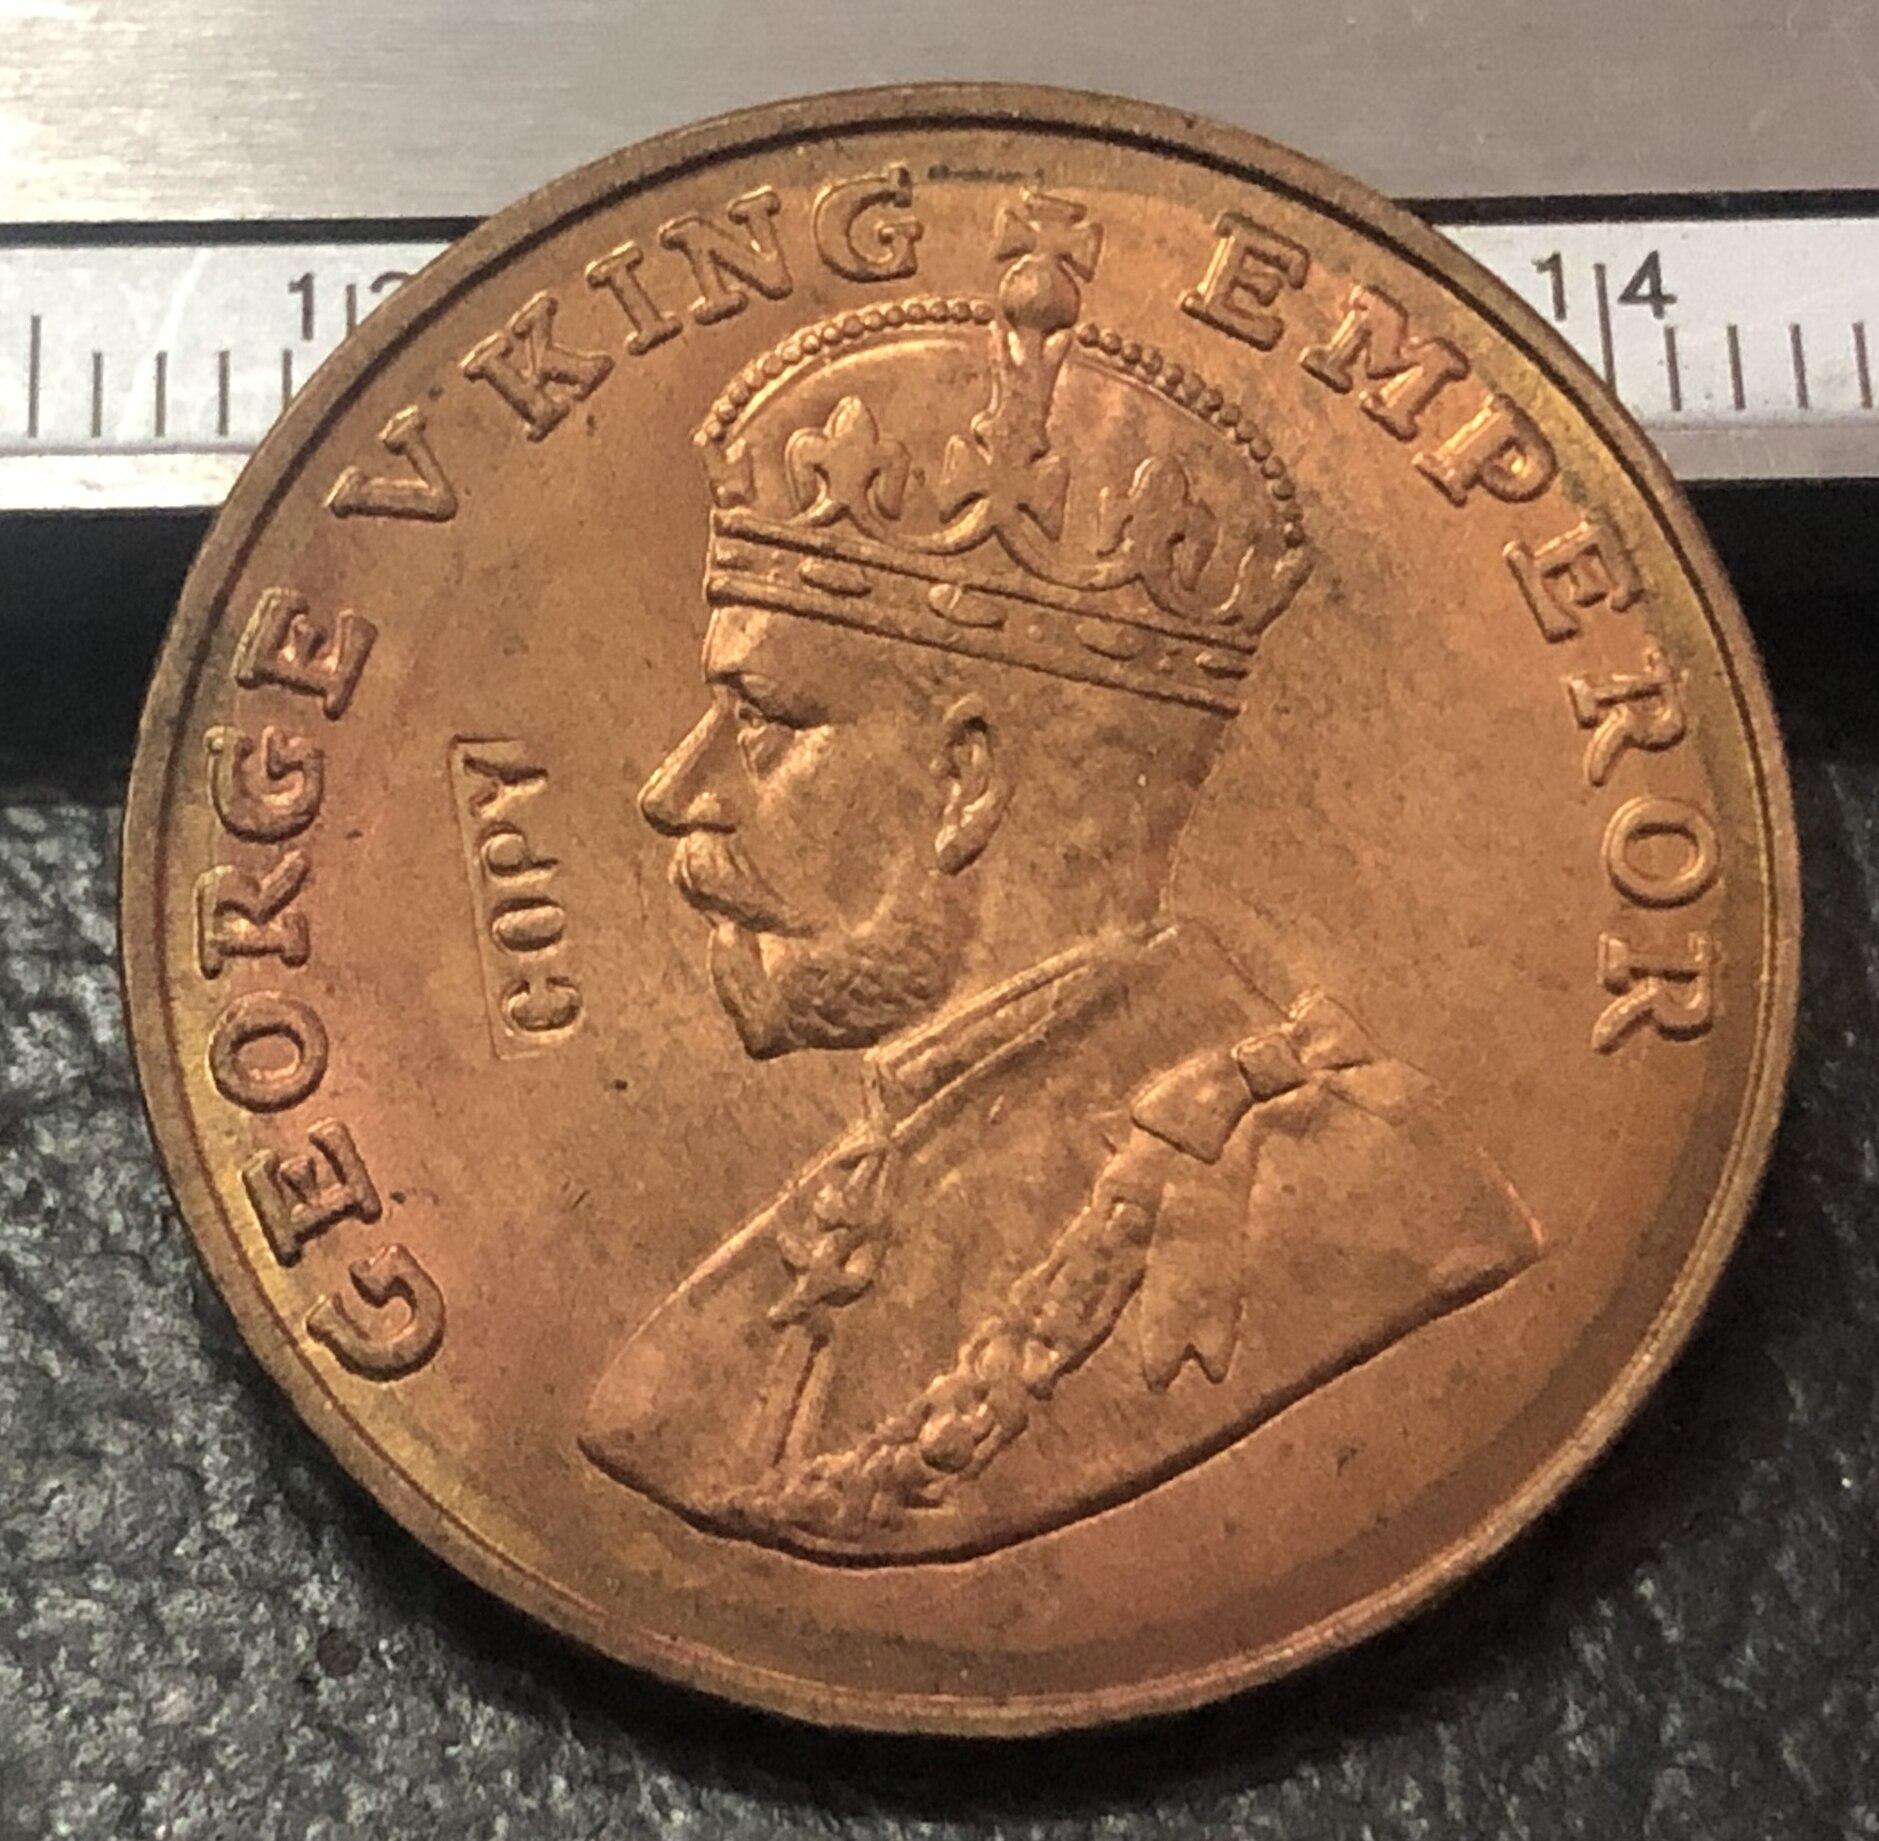 1920 Индия-британский 8 аннас-Джордж V медь-никель имитация монеты